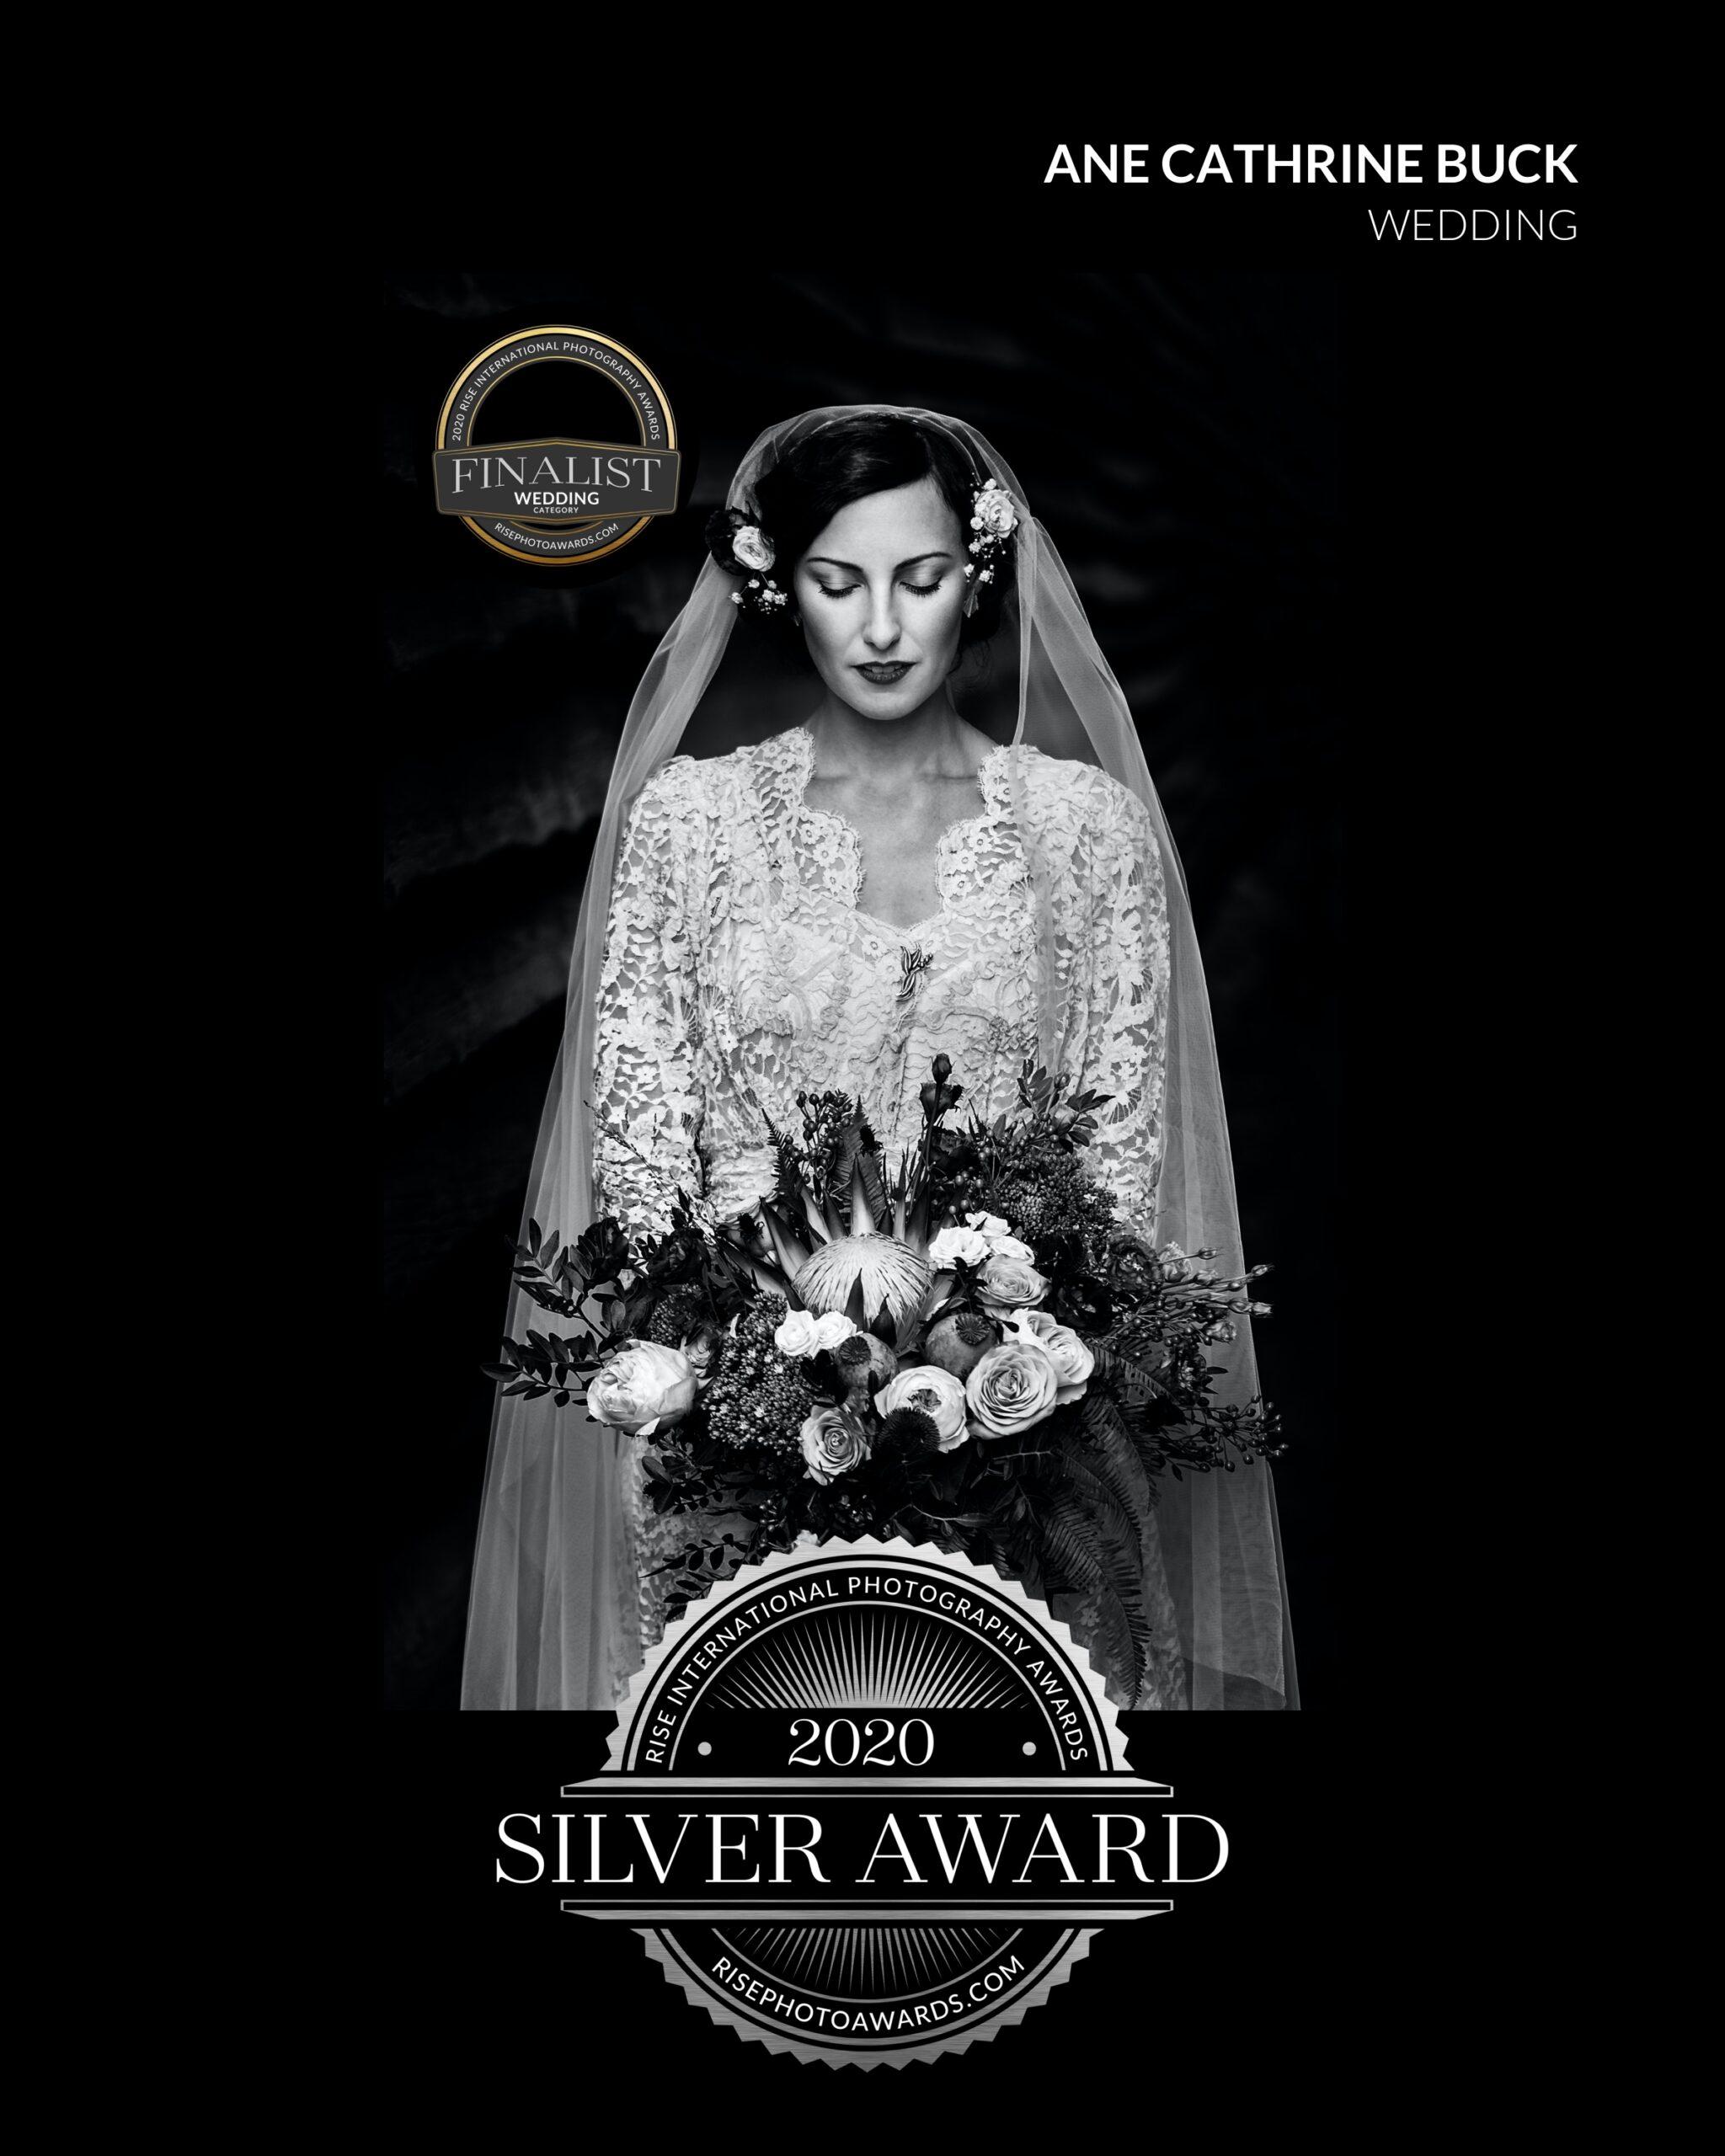 Bryllups bilde finalist internasjonal konkurranse sølv medalje brud svart hvit